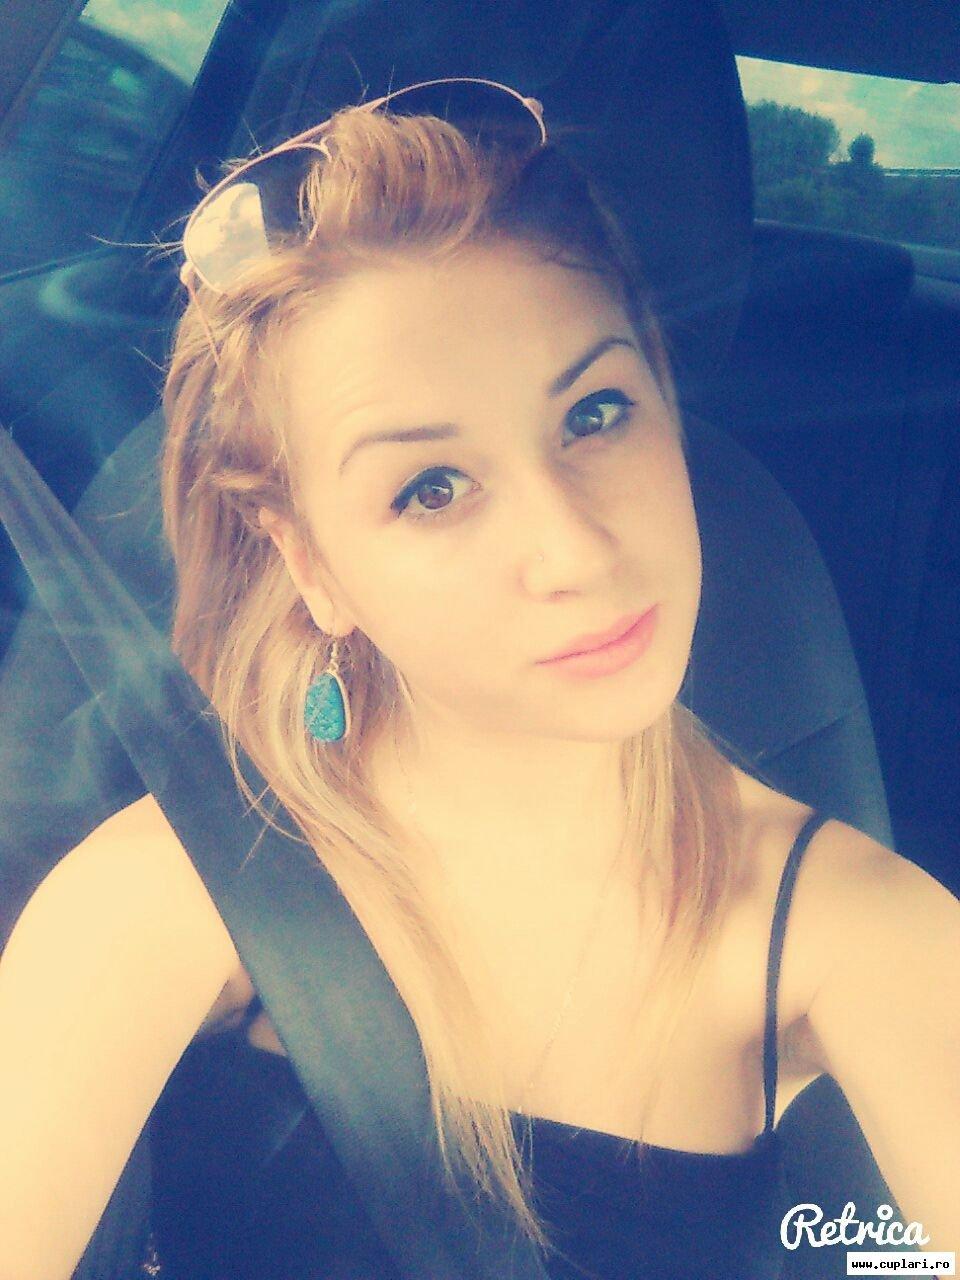 caut fete pentru casatorie moldova